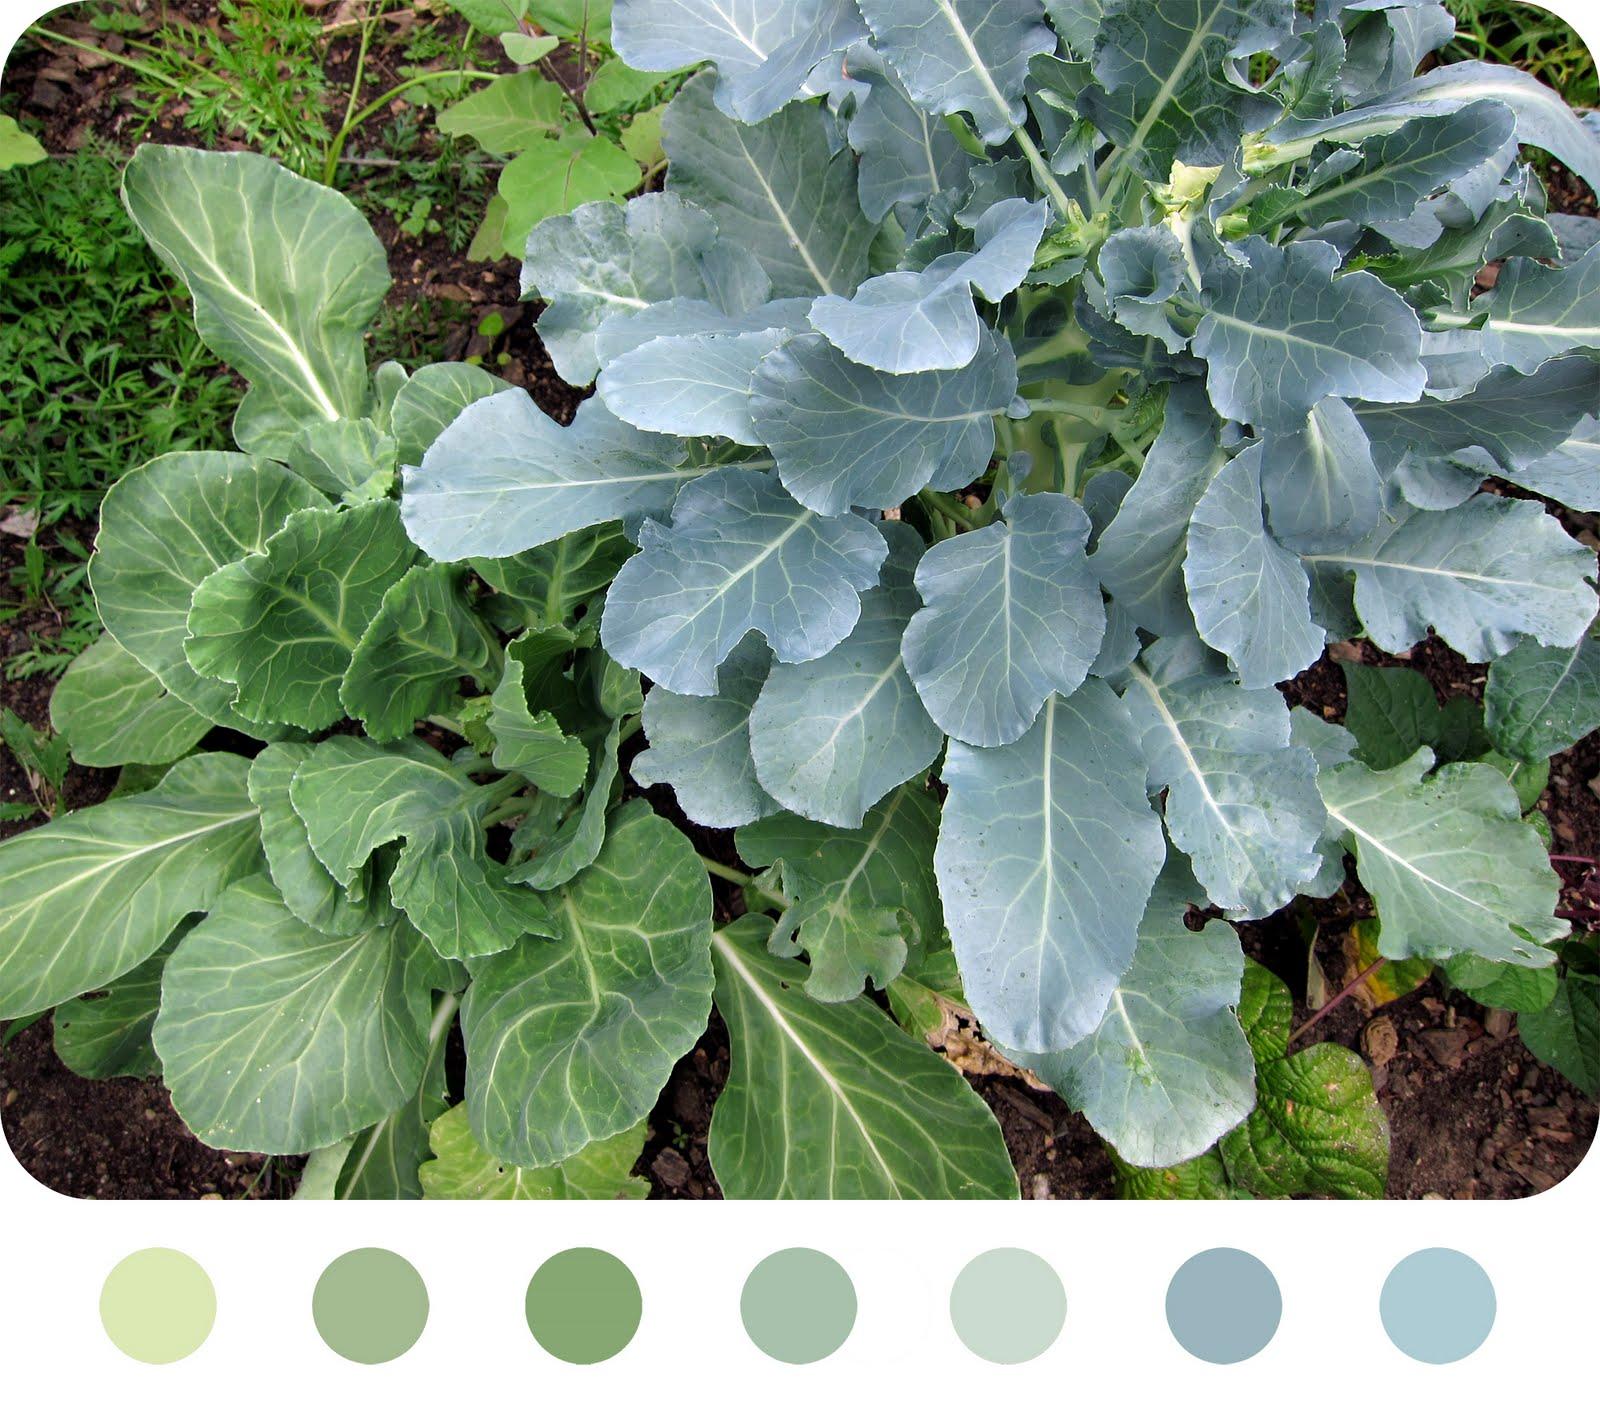 http://1.bp.blogspot.com/_MiIBjnU0ovc/TGnzYrazQ_I/AAAAAAAACHo/RUbXNG6Sz04/s1600/garden+greens.jpg